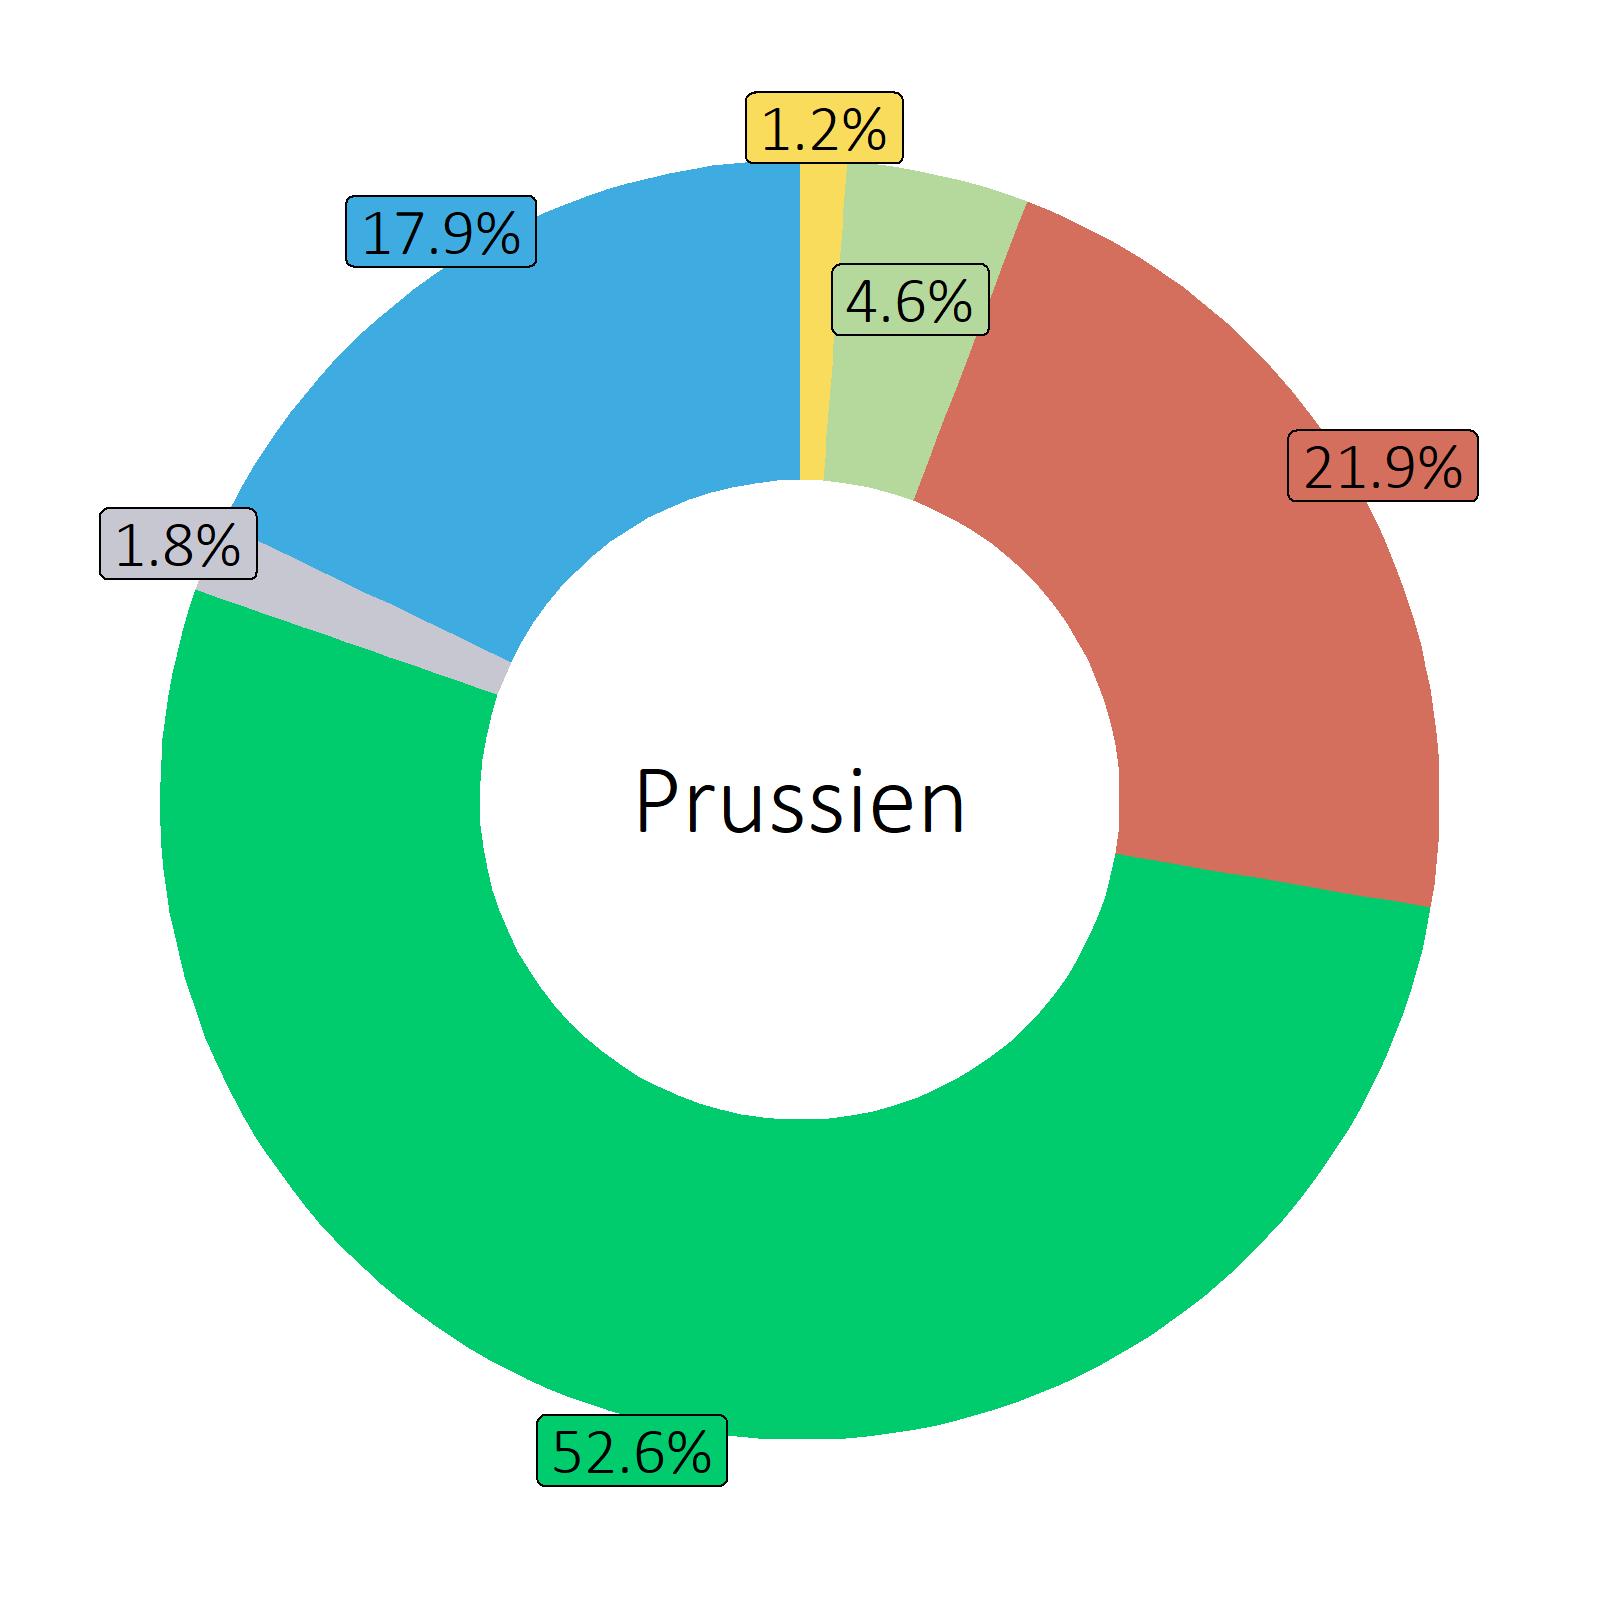 Bestandteile Prussien